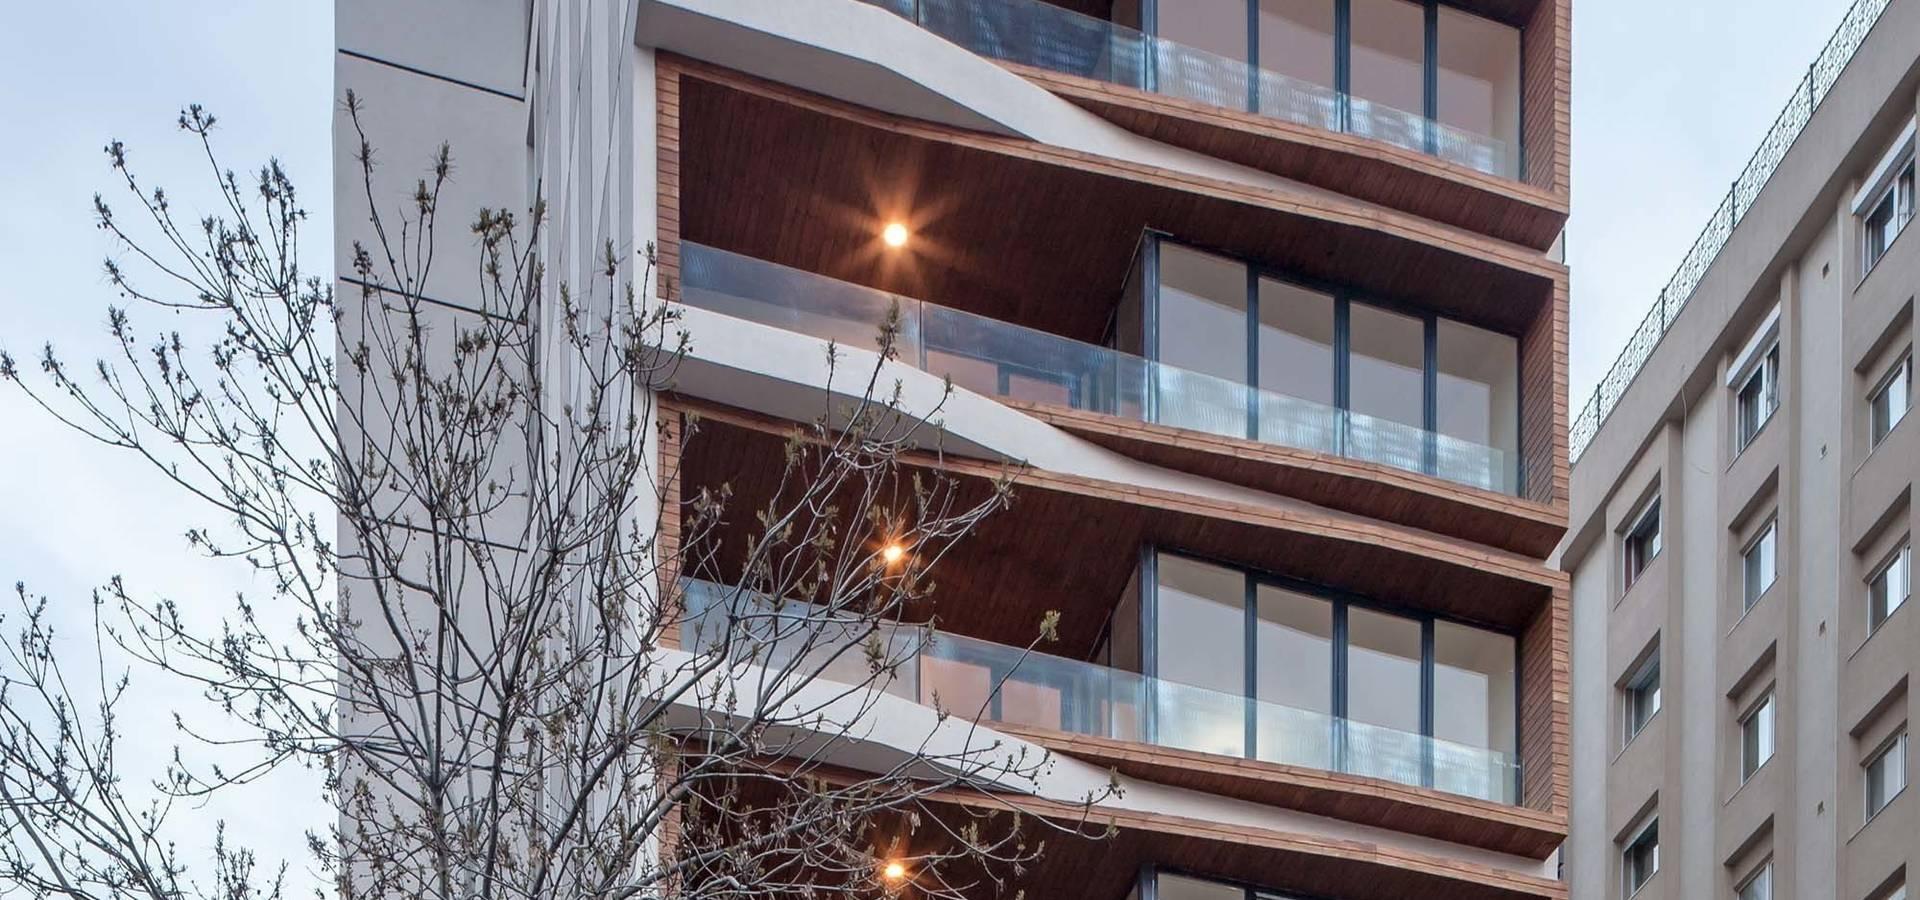 arkiZON Architects